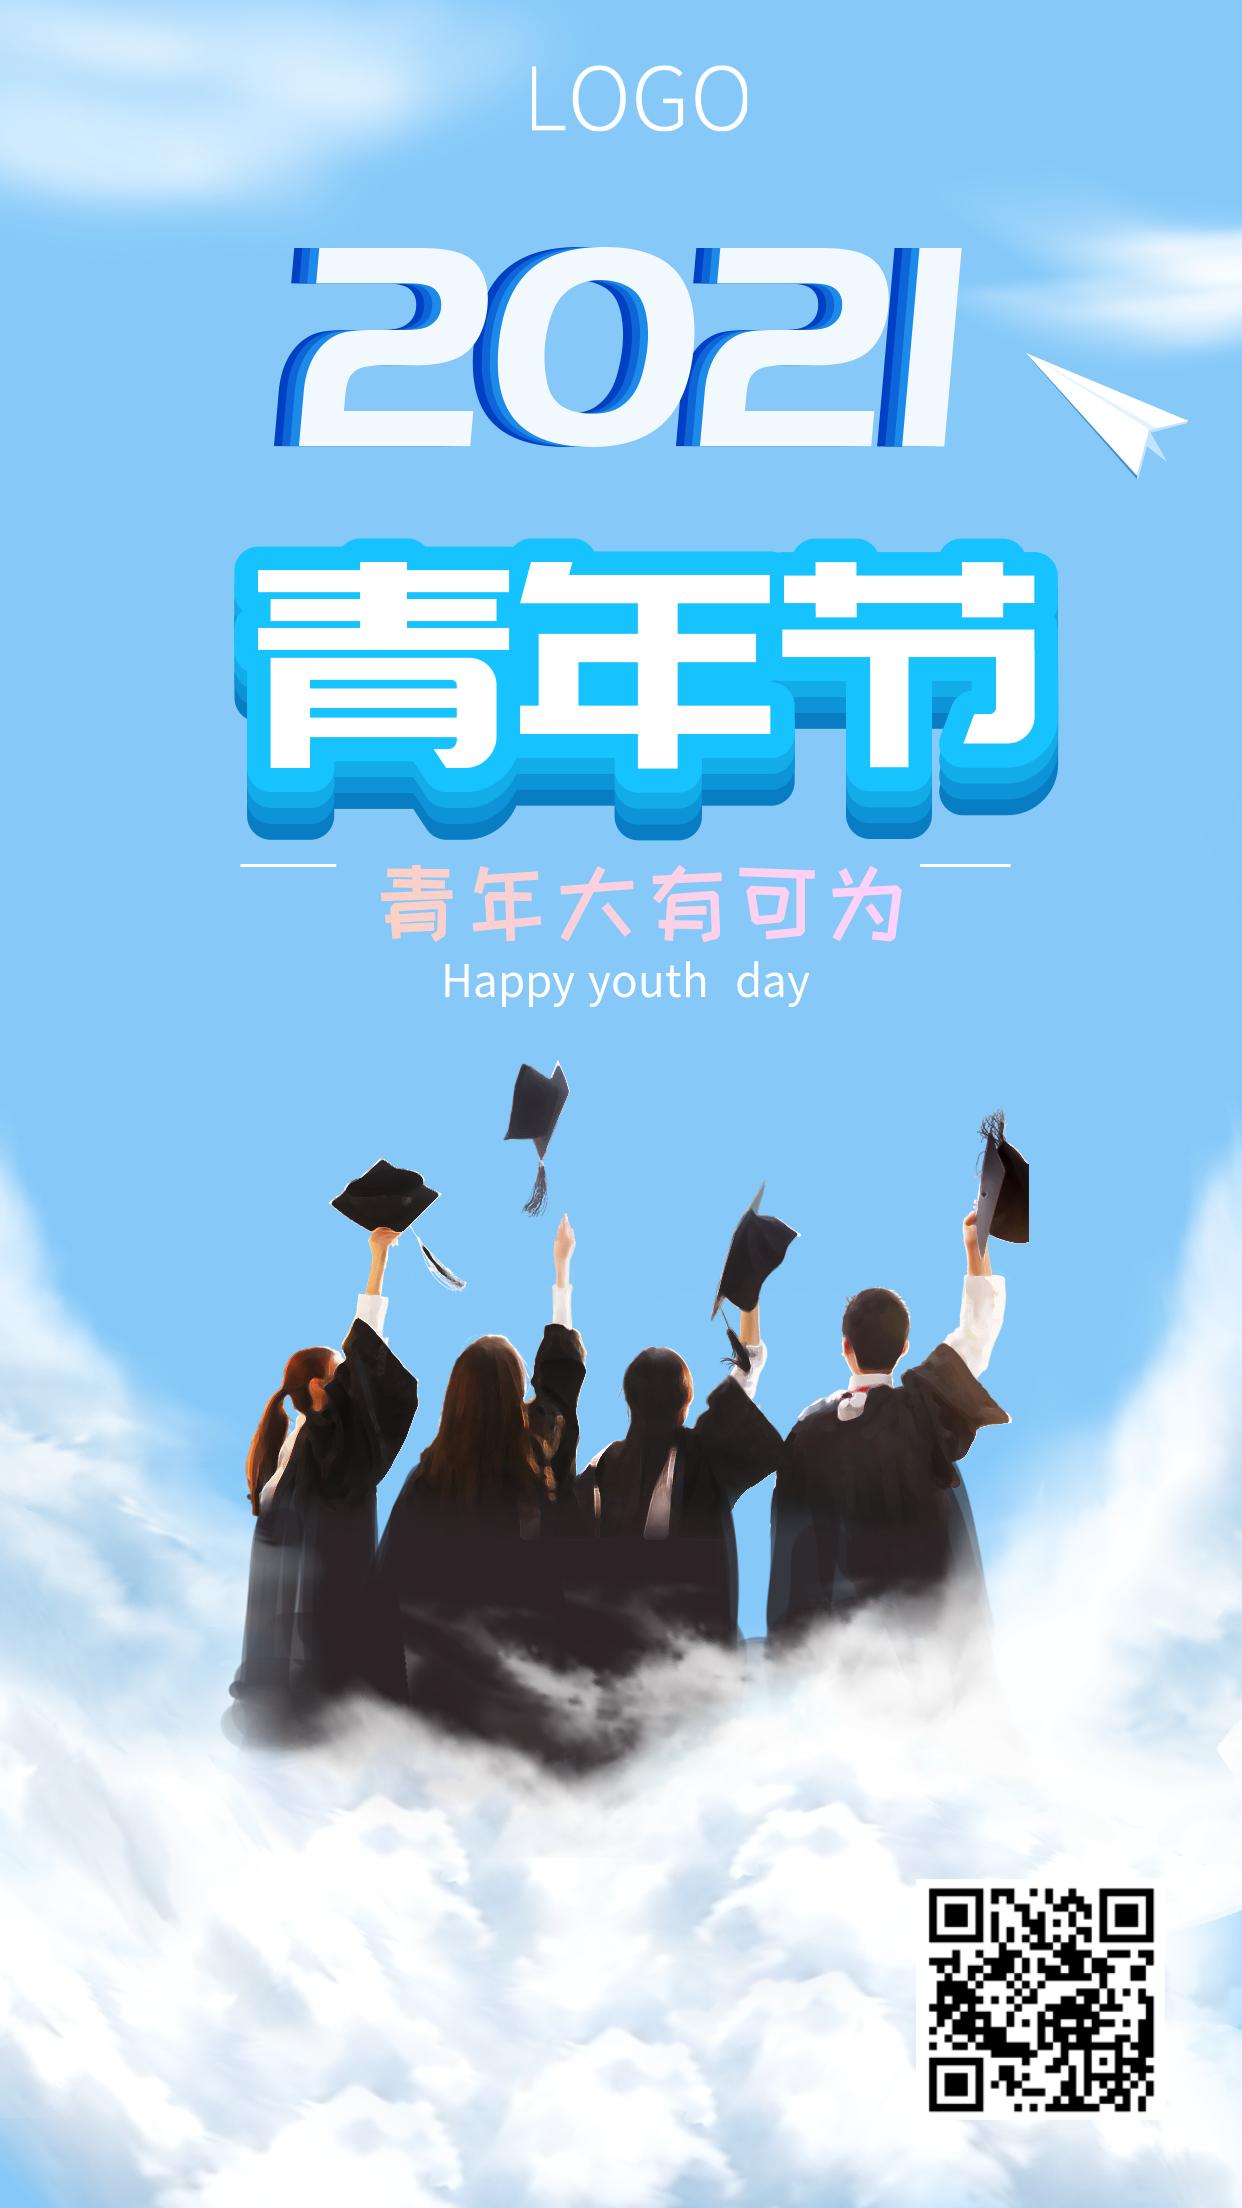 五四青年节青春精神祝福手机海报